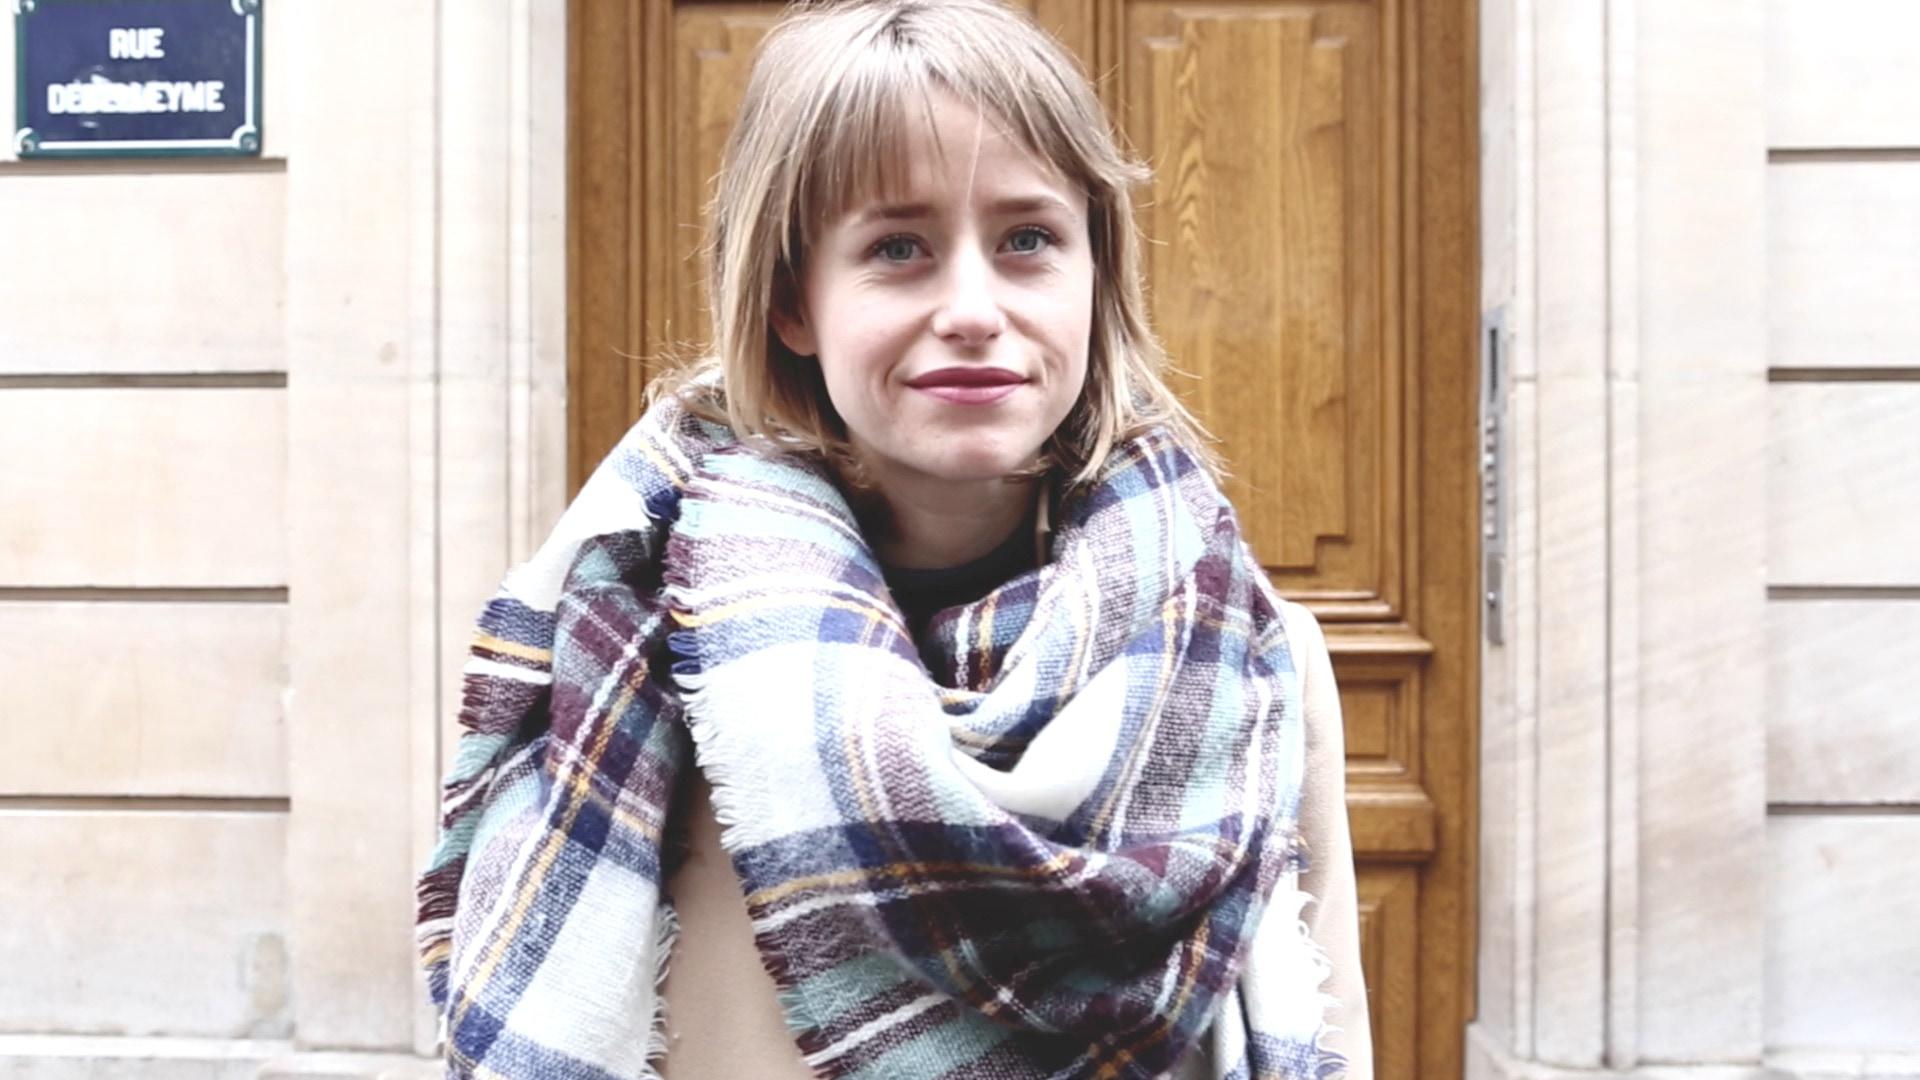 肌寒い季節、パリジェンヌは何を着る!?『Paris snap(パリ スナップ)』Vol.1